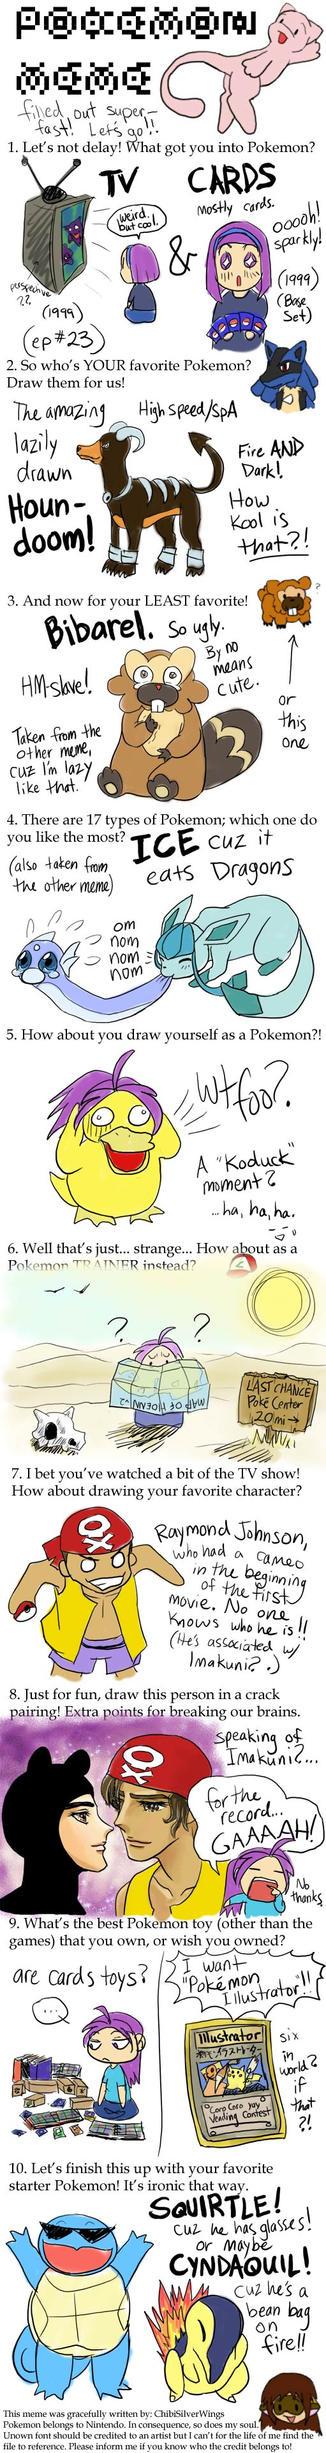 ChibiSilverWings Pokemon Meme by alamedyang